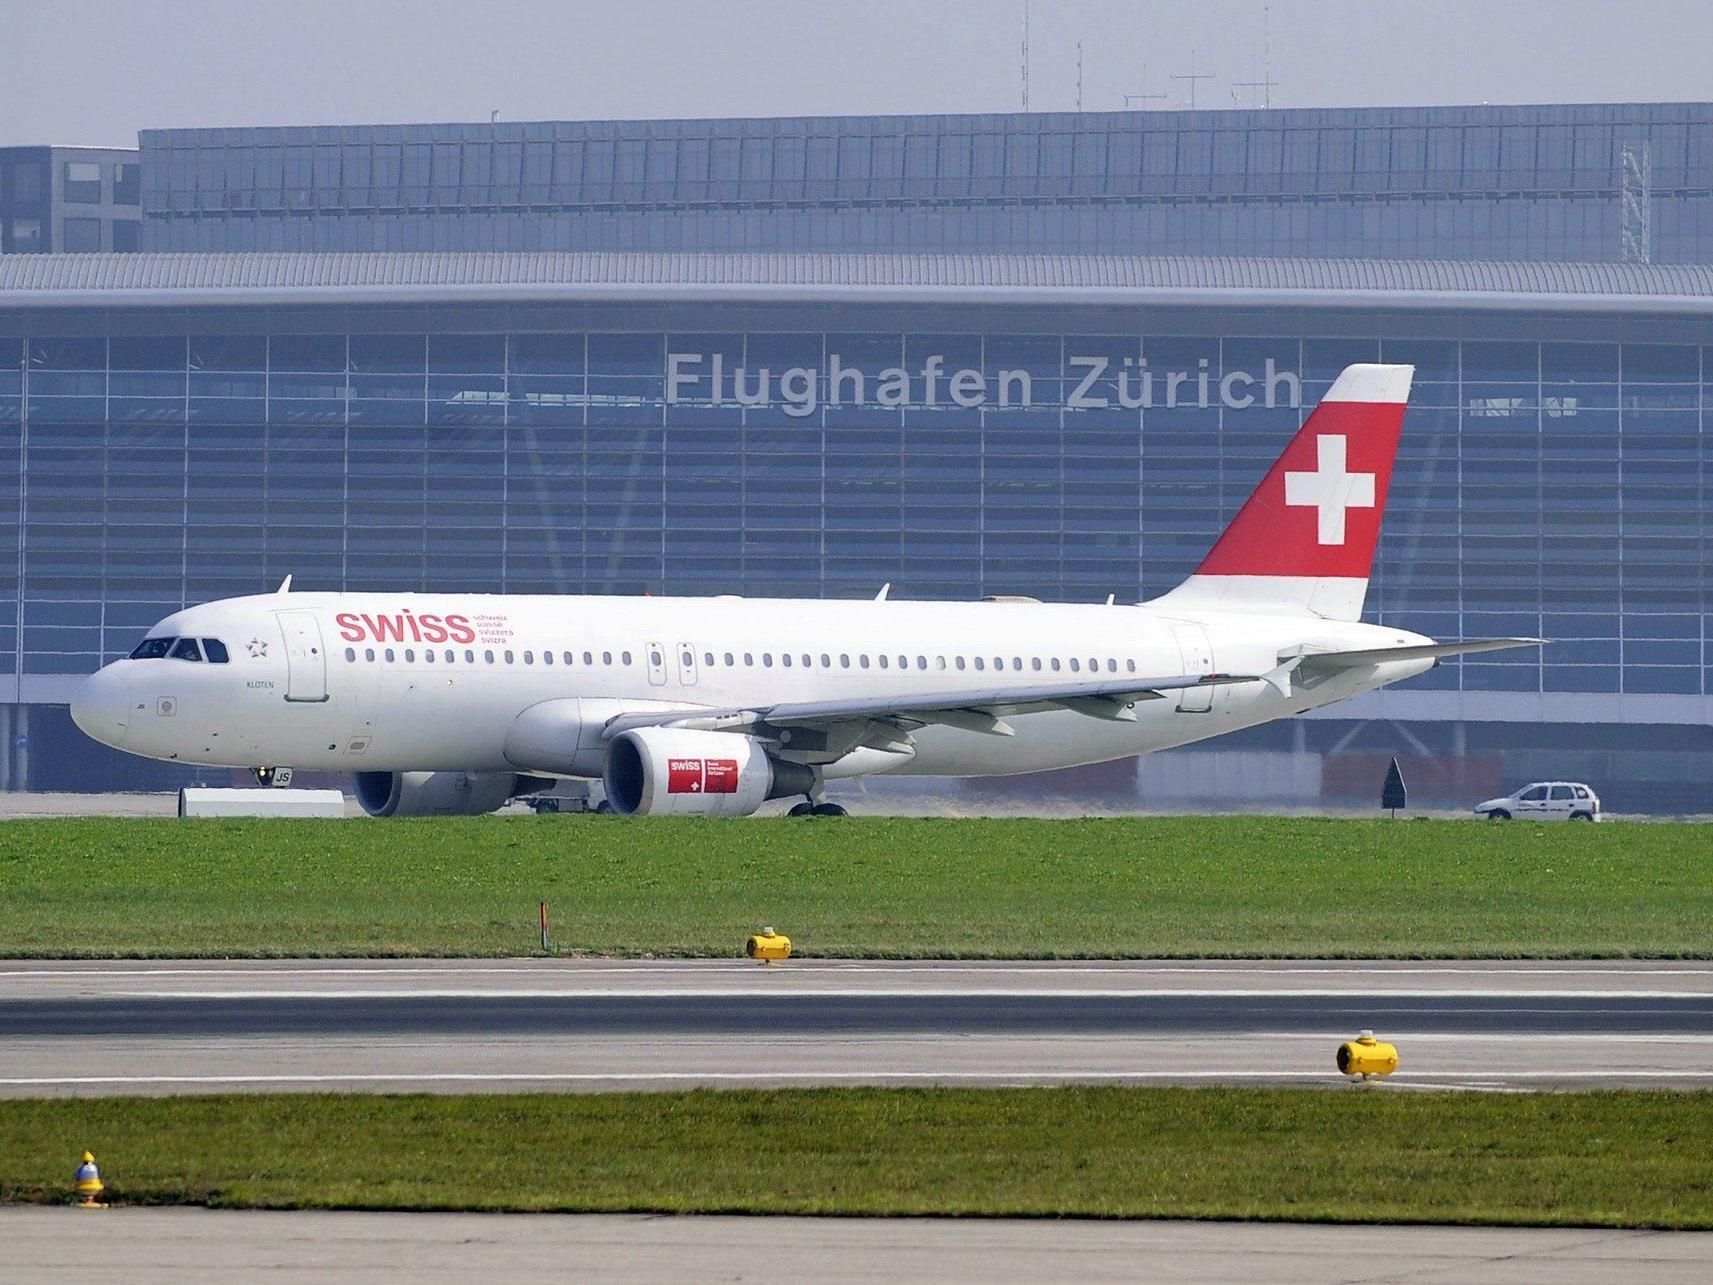 Seit 2003 dürfen Flugzeuge im Anflug auf Zürich zwischen 21.00 und 07.00 Uhr nicht mehr über deutsches Gebiet fliegen